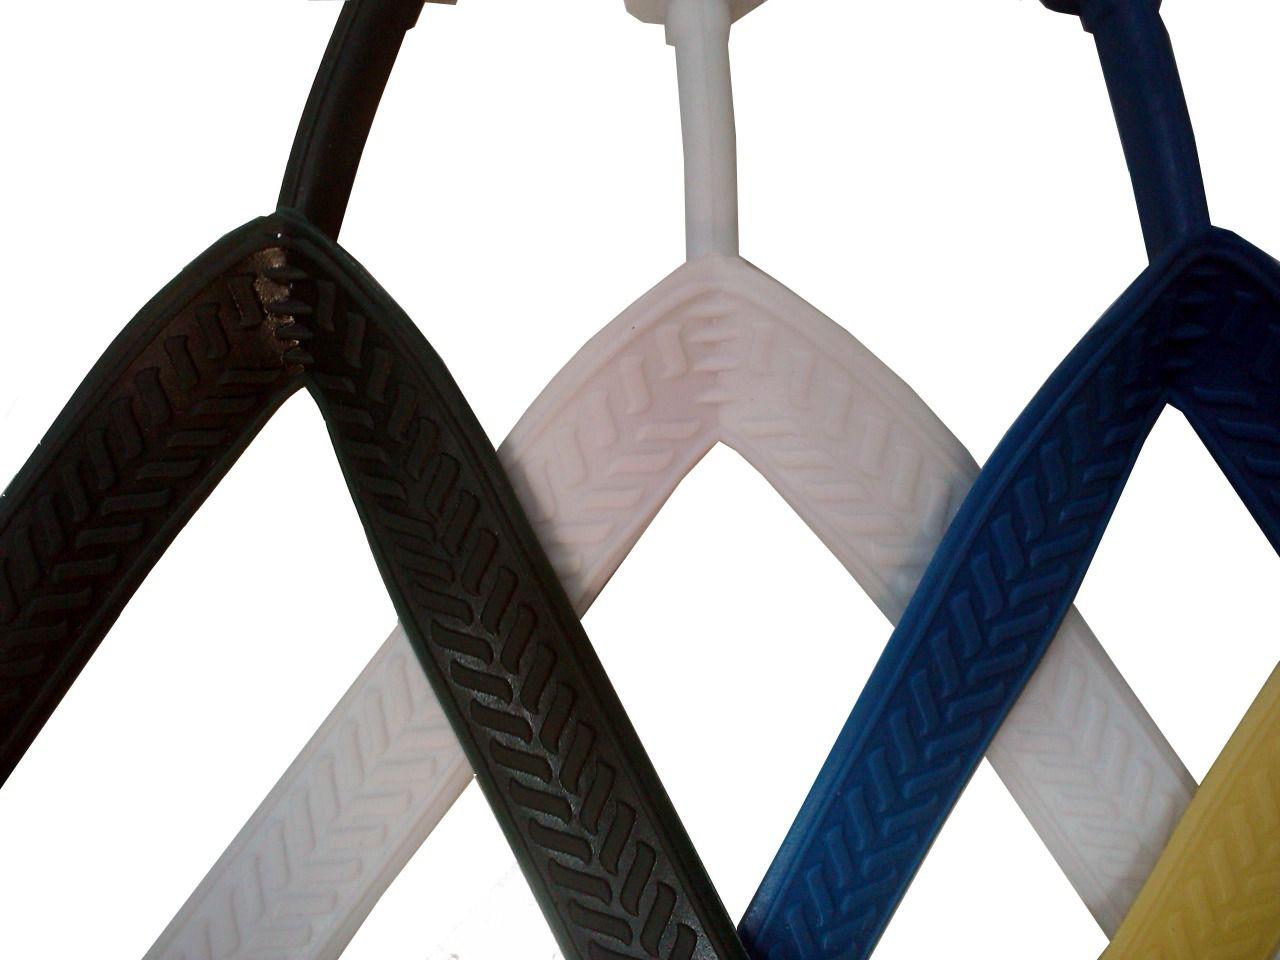 Alças Frisadas Delta MASCULINO - 10 pares  - INBOP - Indústria de Borrachas e Polímeros